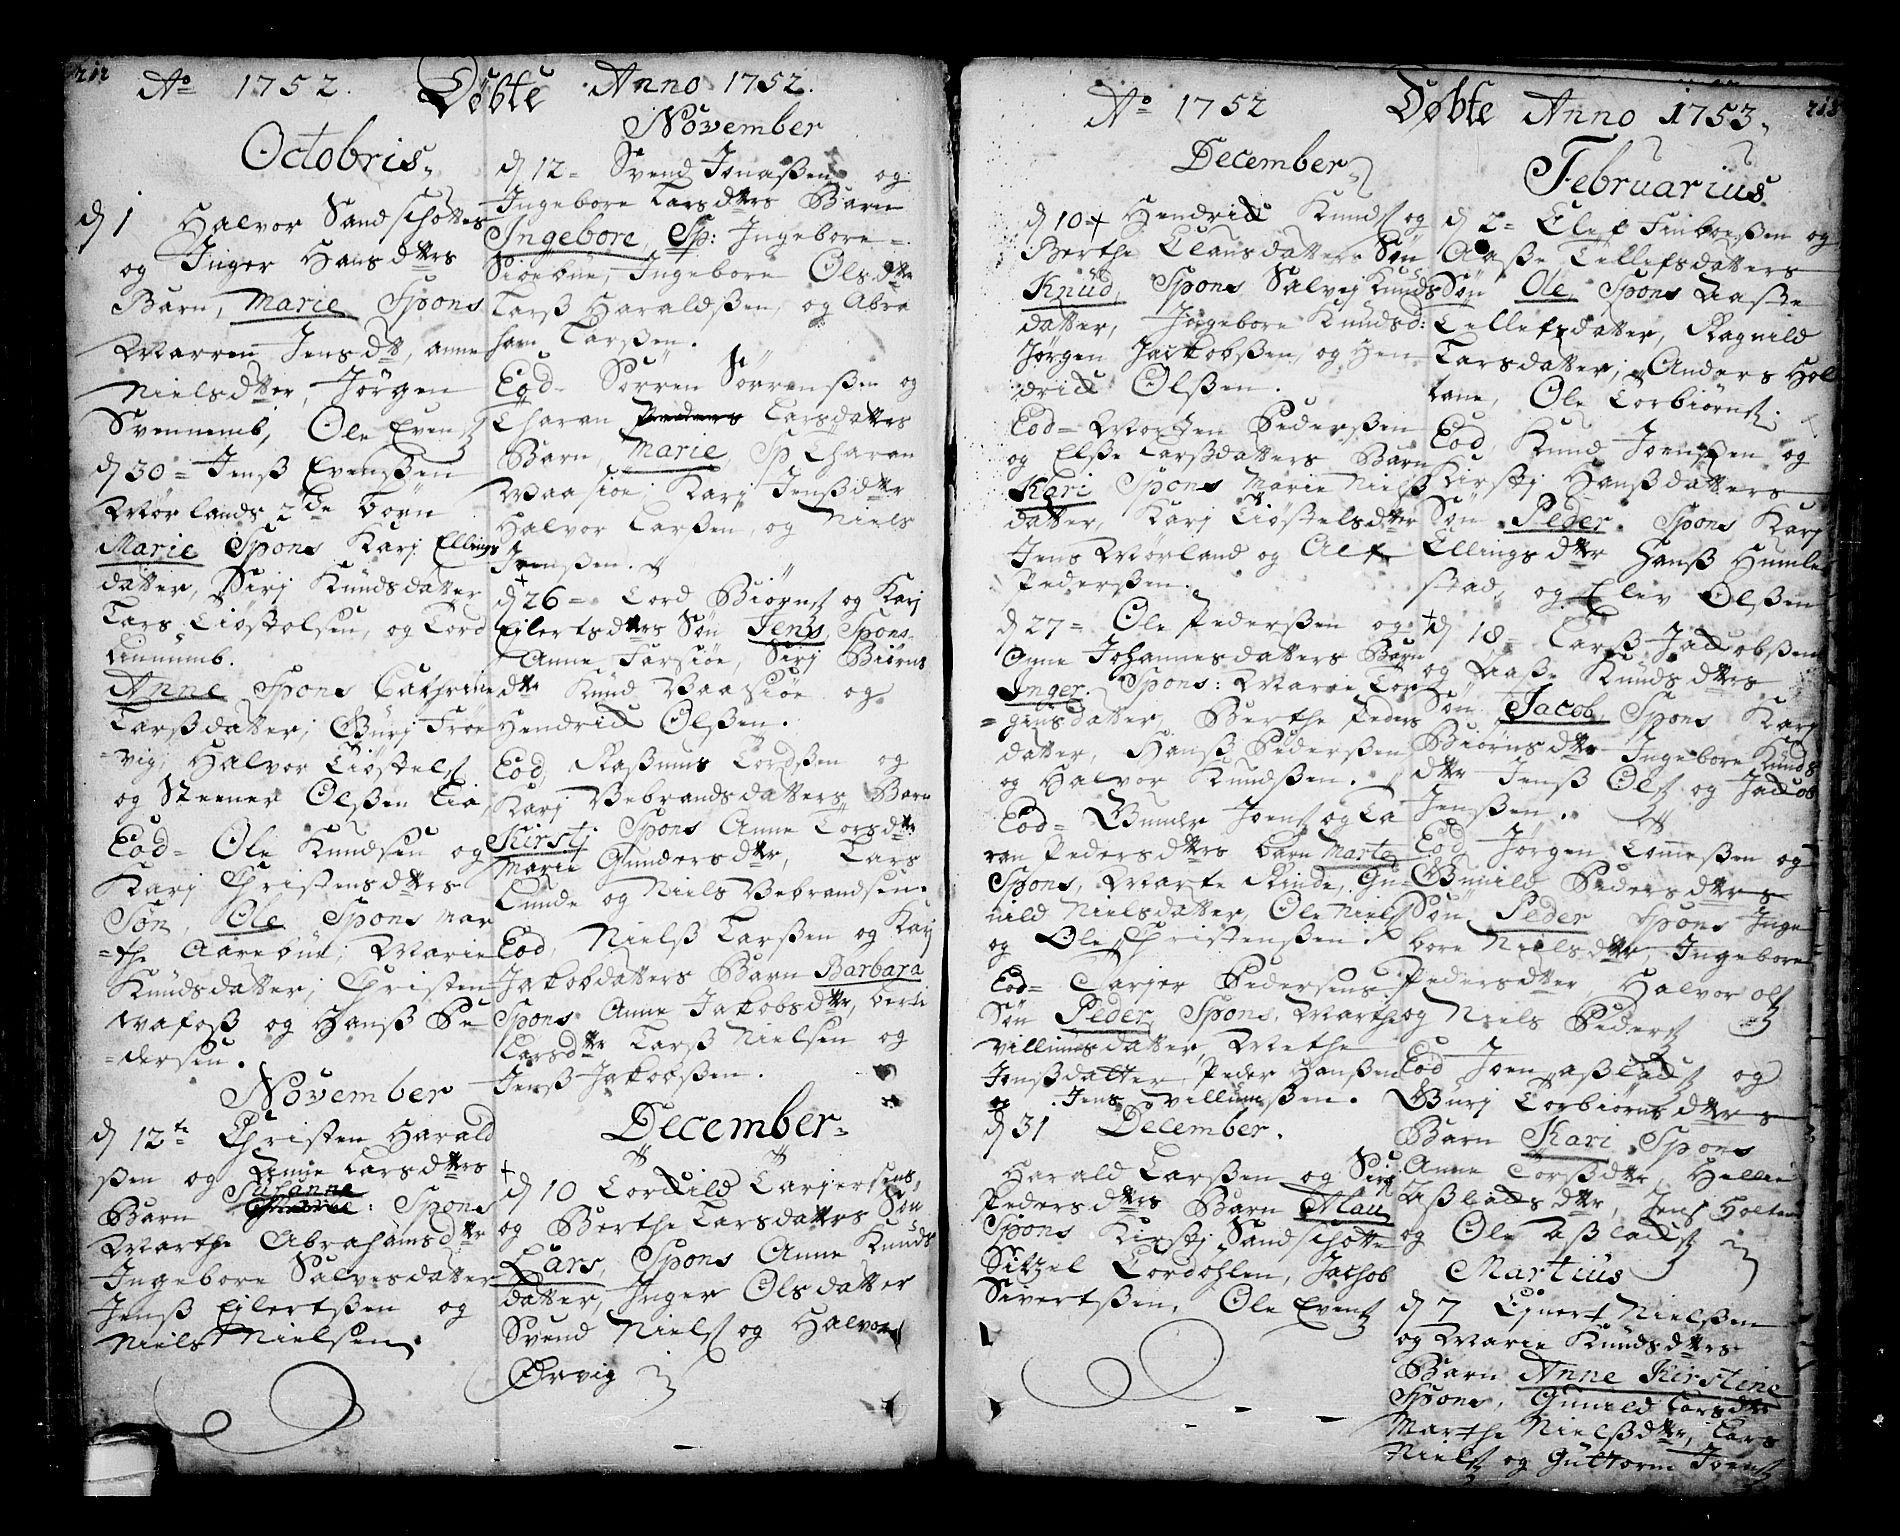 SAKO, Sannidal kirkebøker, F/Fa/L0001: Ministerialbok nr. 1, 1702-1766, s. 212-213